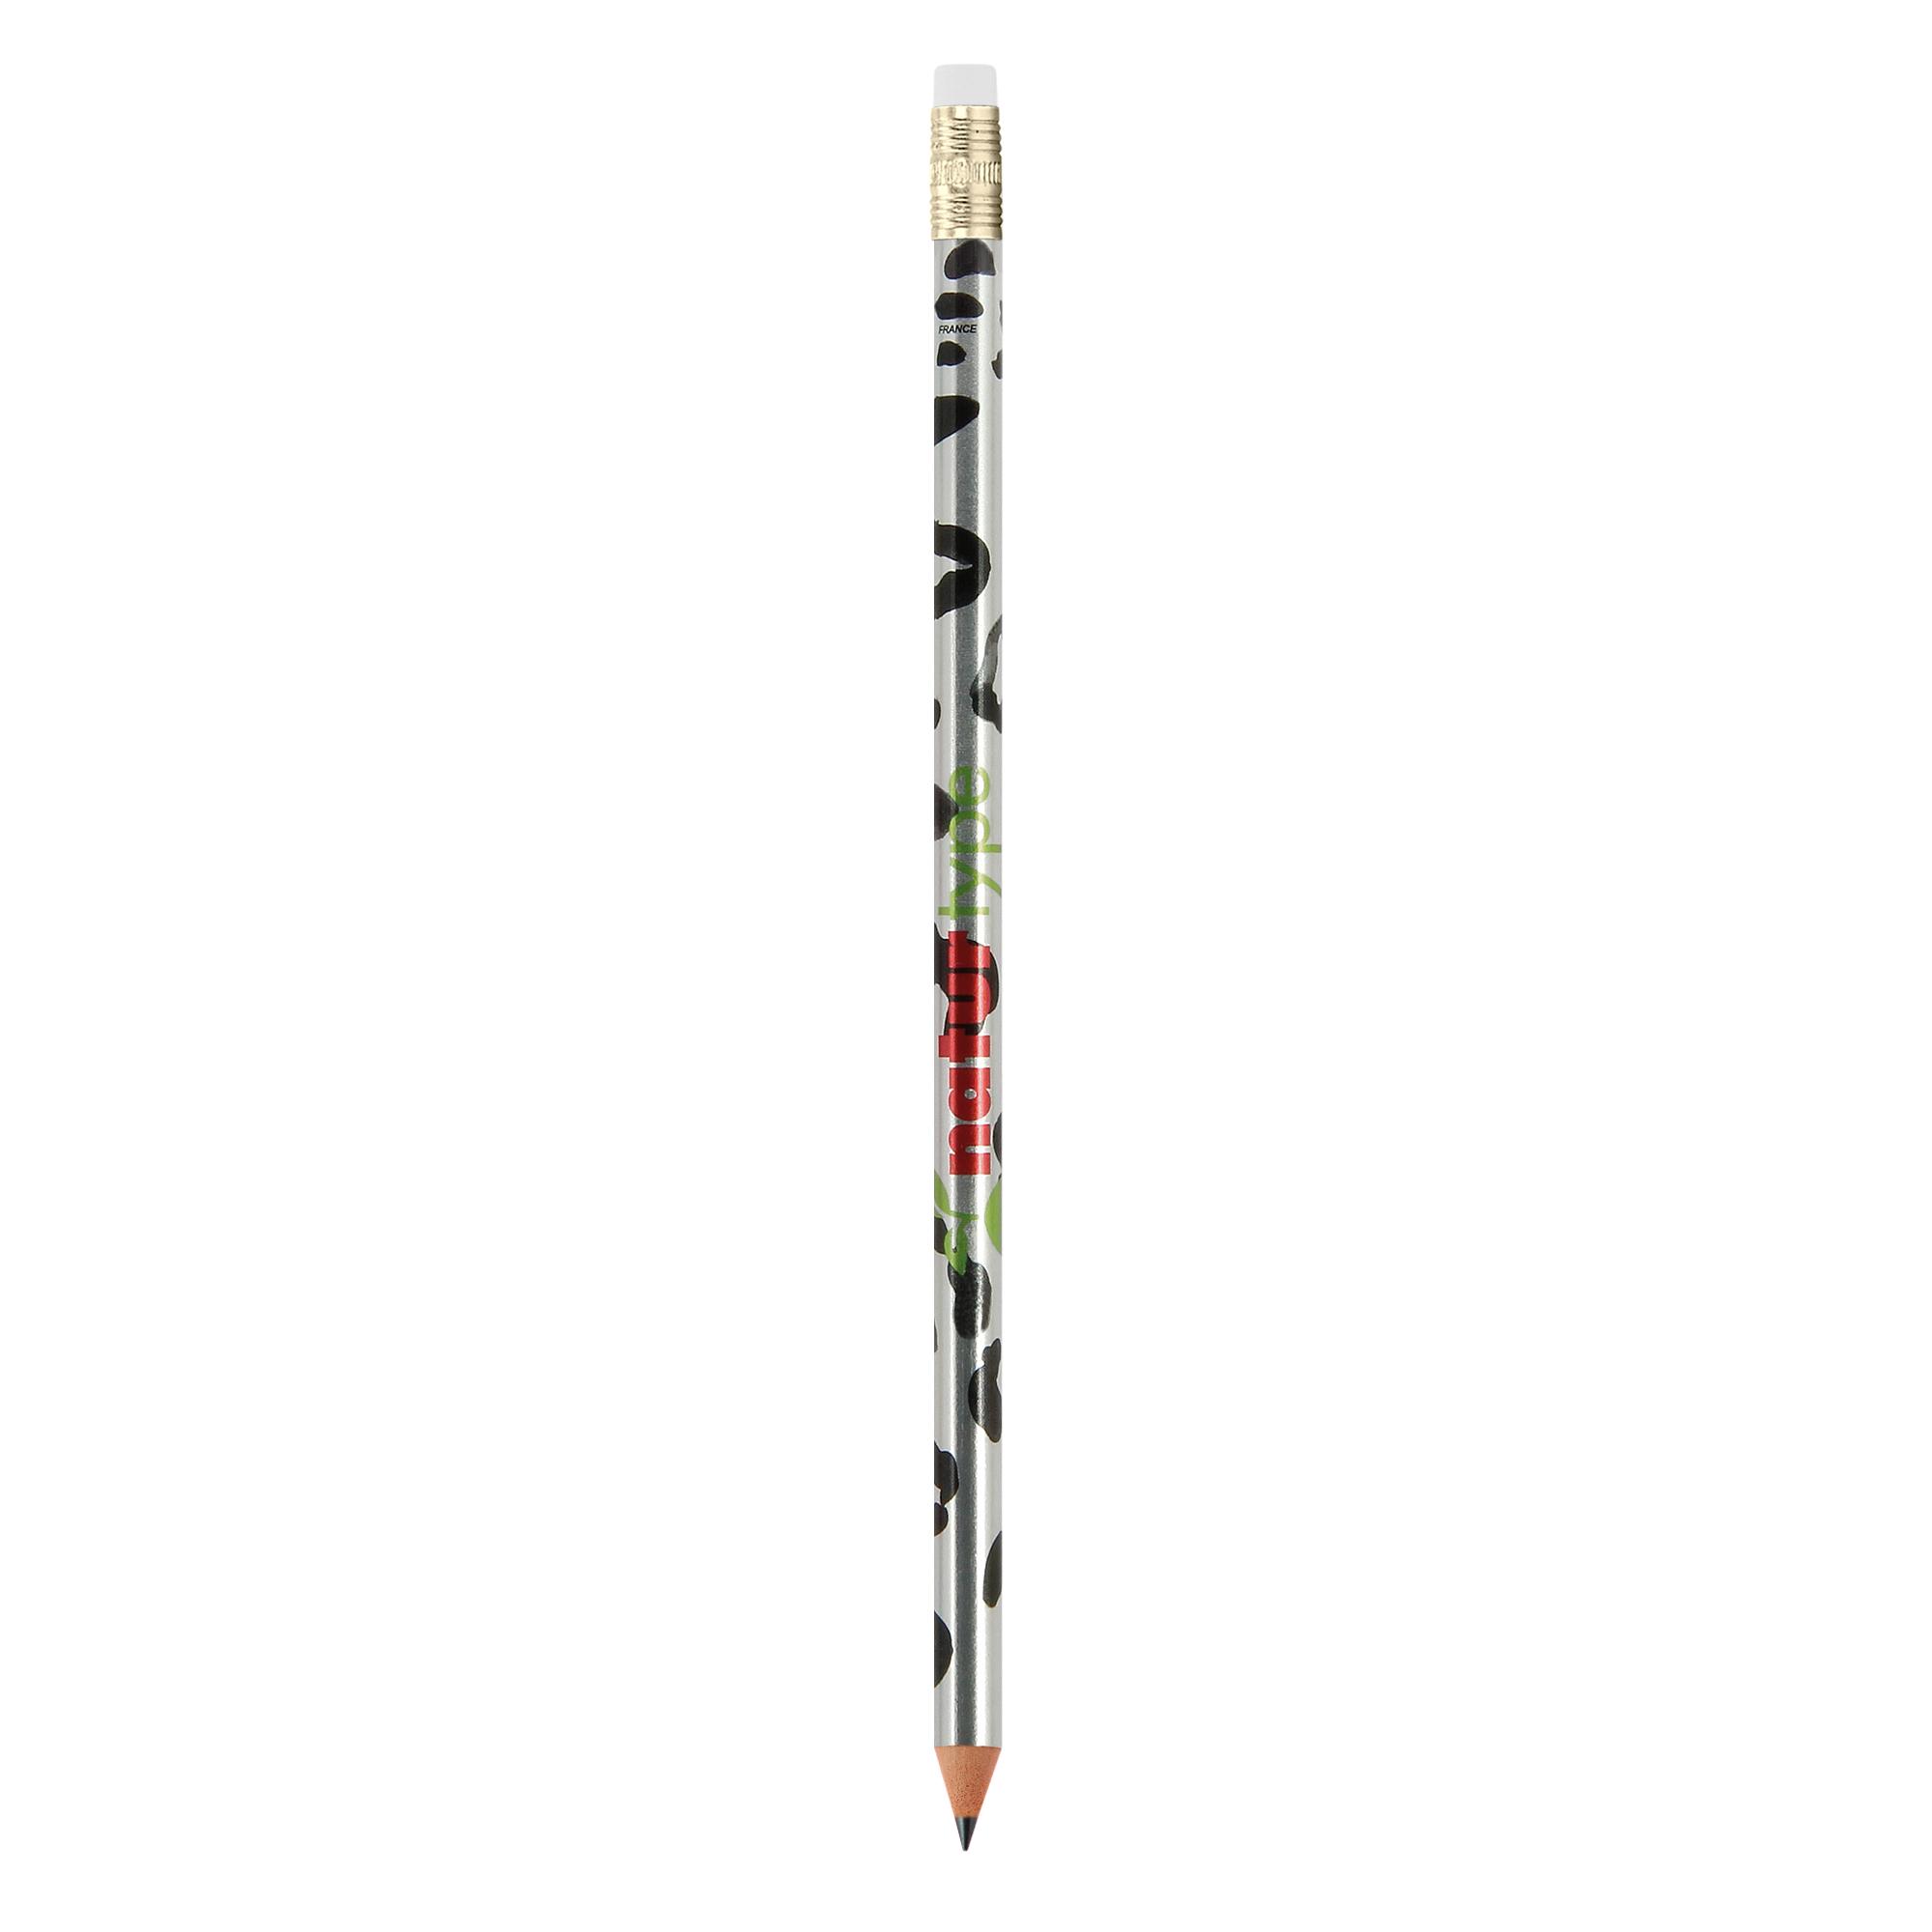 bic-pencil-eraser-metallic-finish-1960